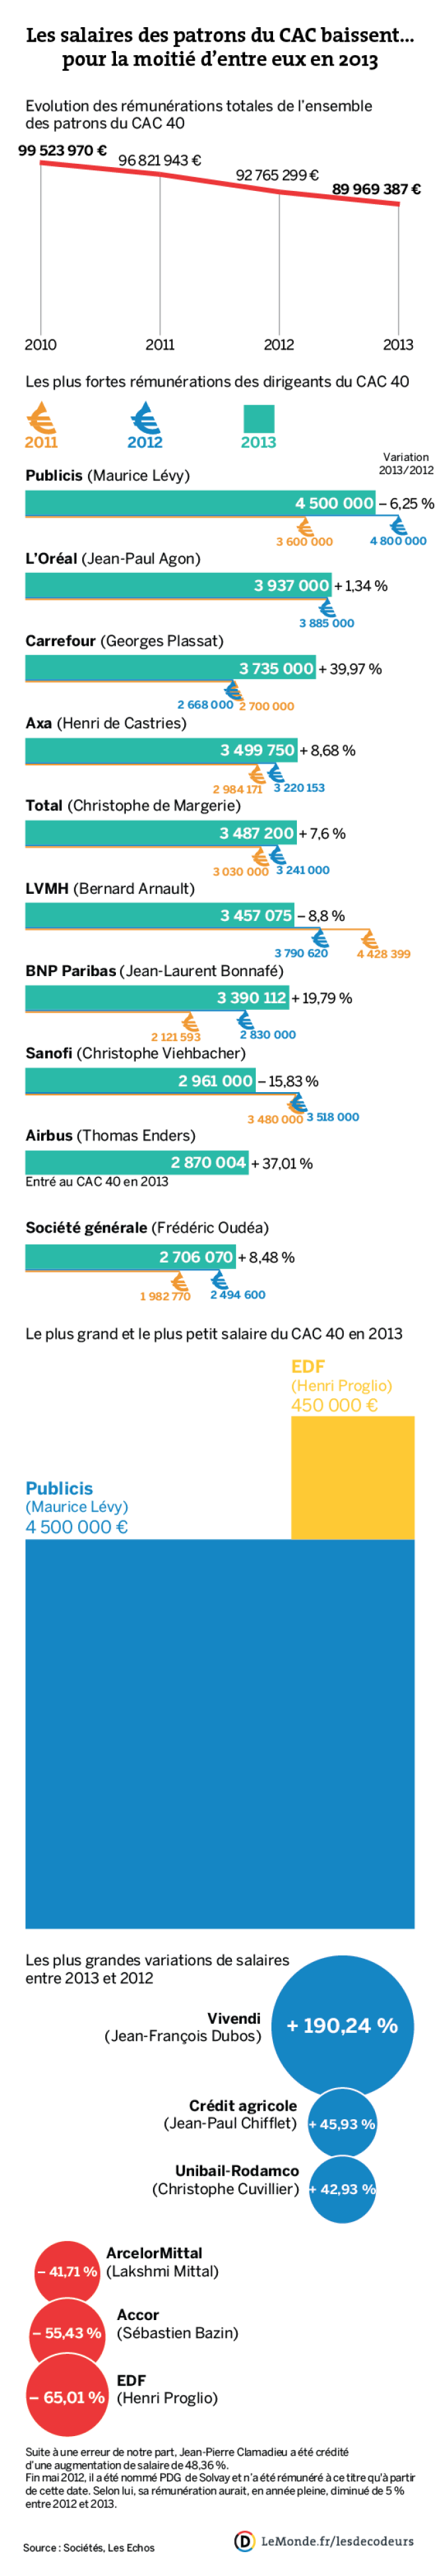 Les salaires des patrons du CAC 40